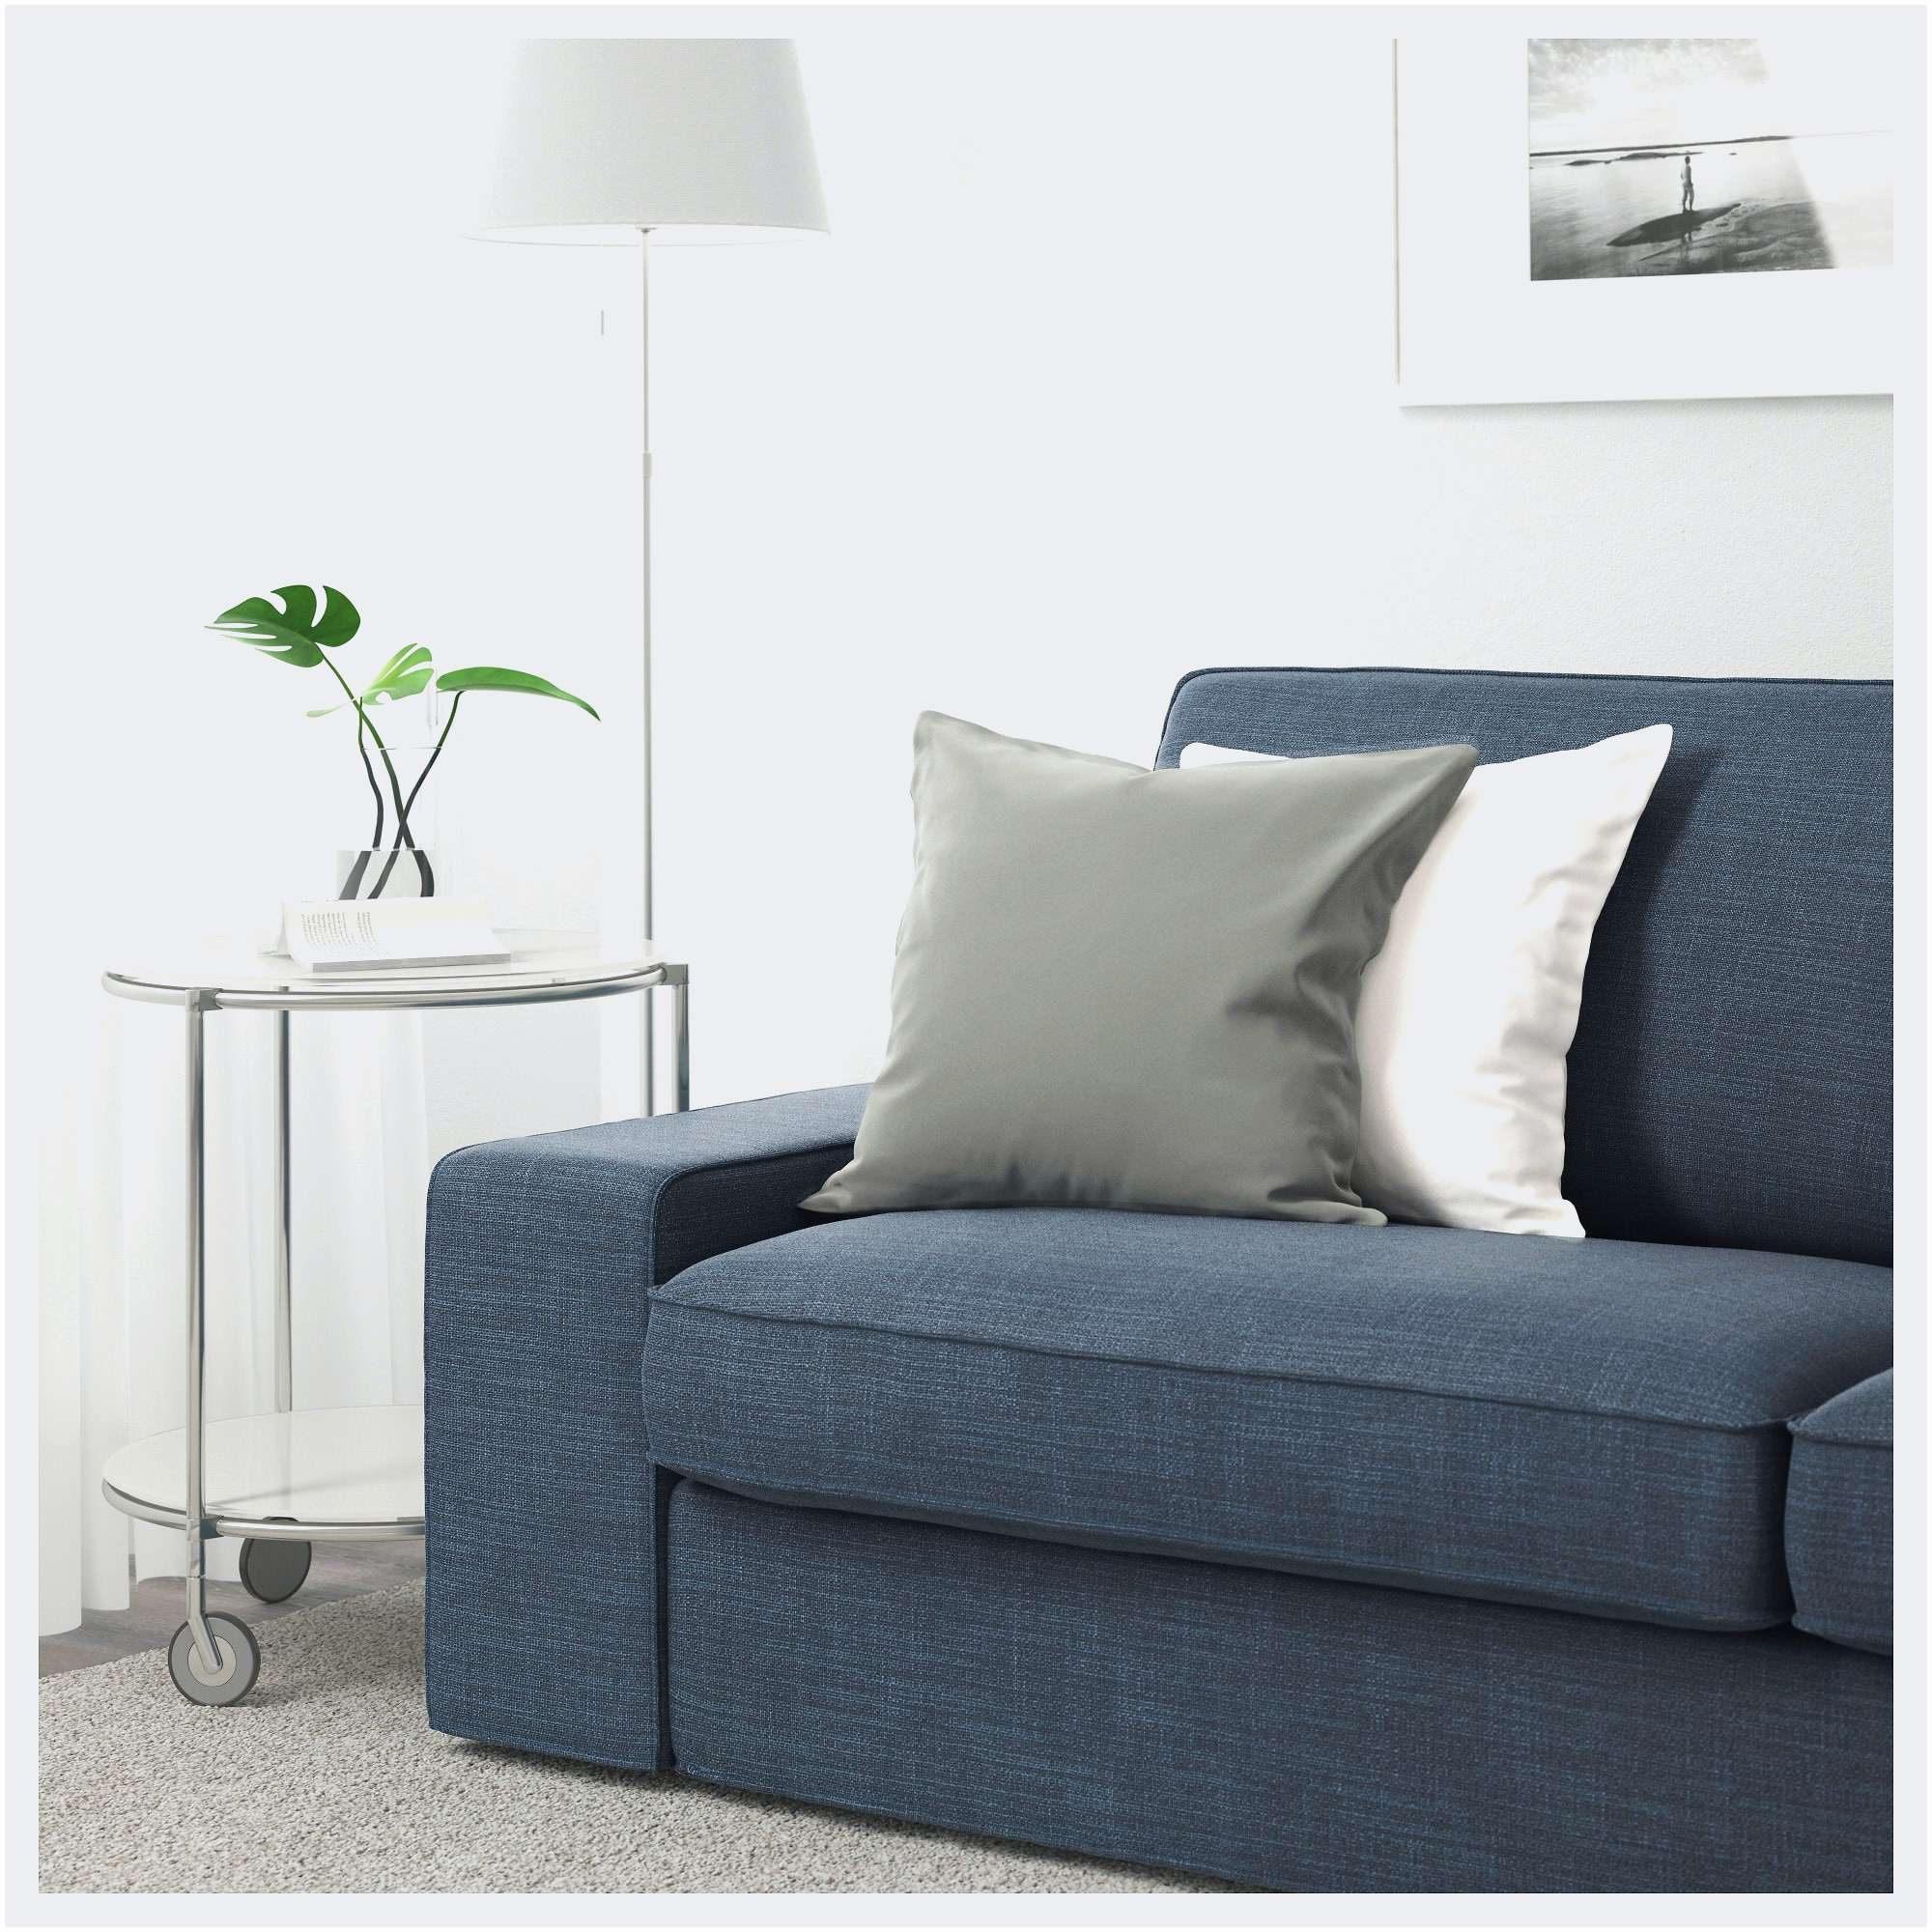 Canapé Lit Ikea Meilleur De Inspiré Salon Et Canapé Unique Ikea Salon 13 Une Armoire Infinit C3